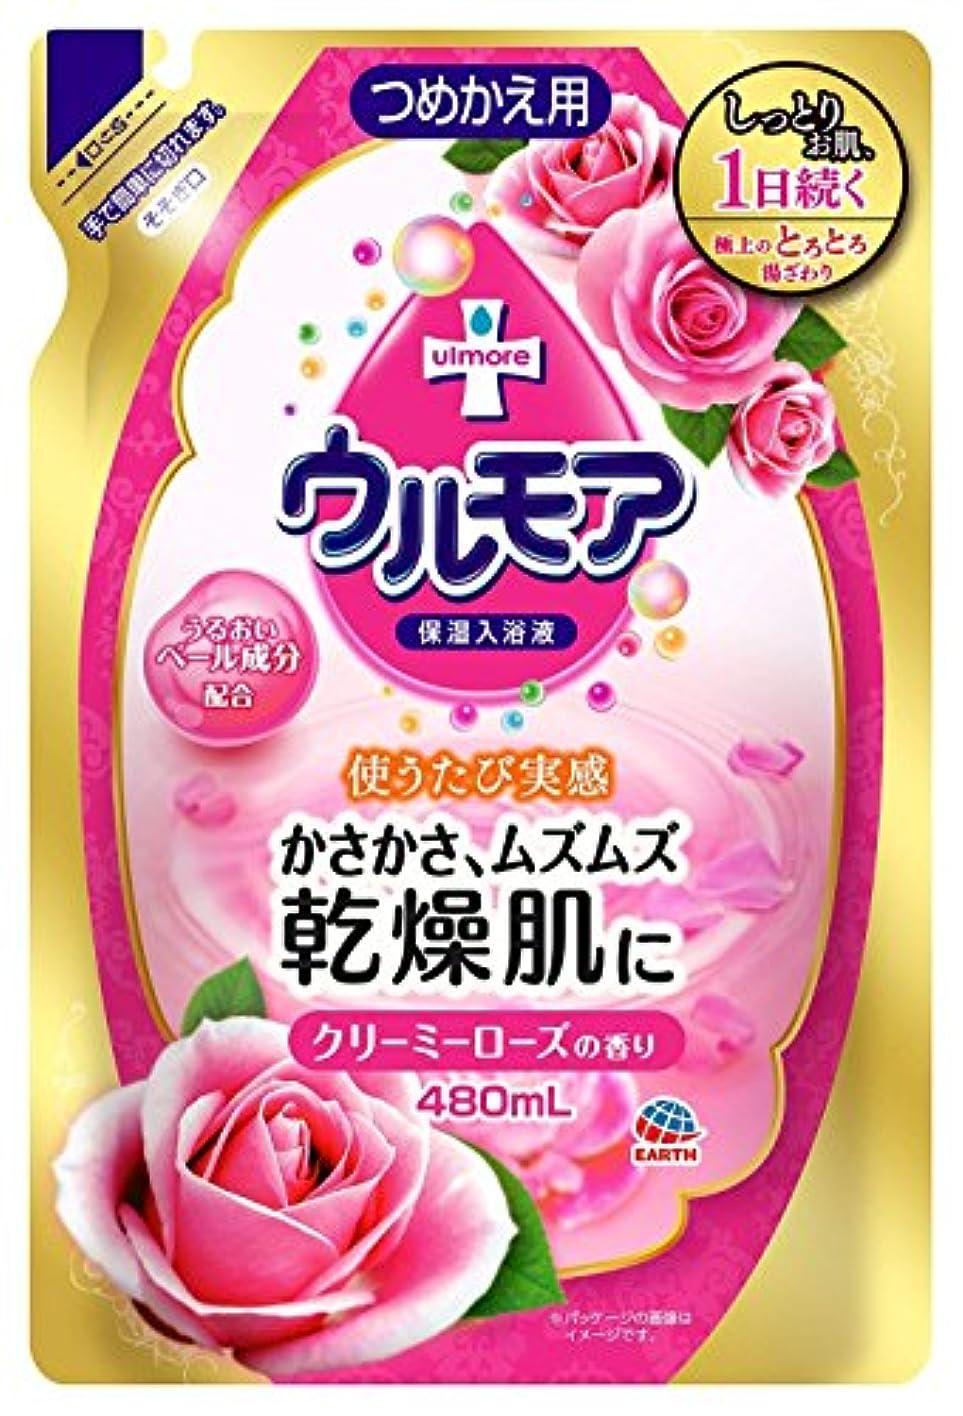 嫌悪壊滅的な軽く【アース製薬】保湿入浴液ウルモアクリーミーローズの香り 詰替え用 480ml ×5個セット